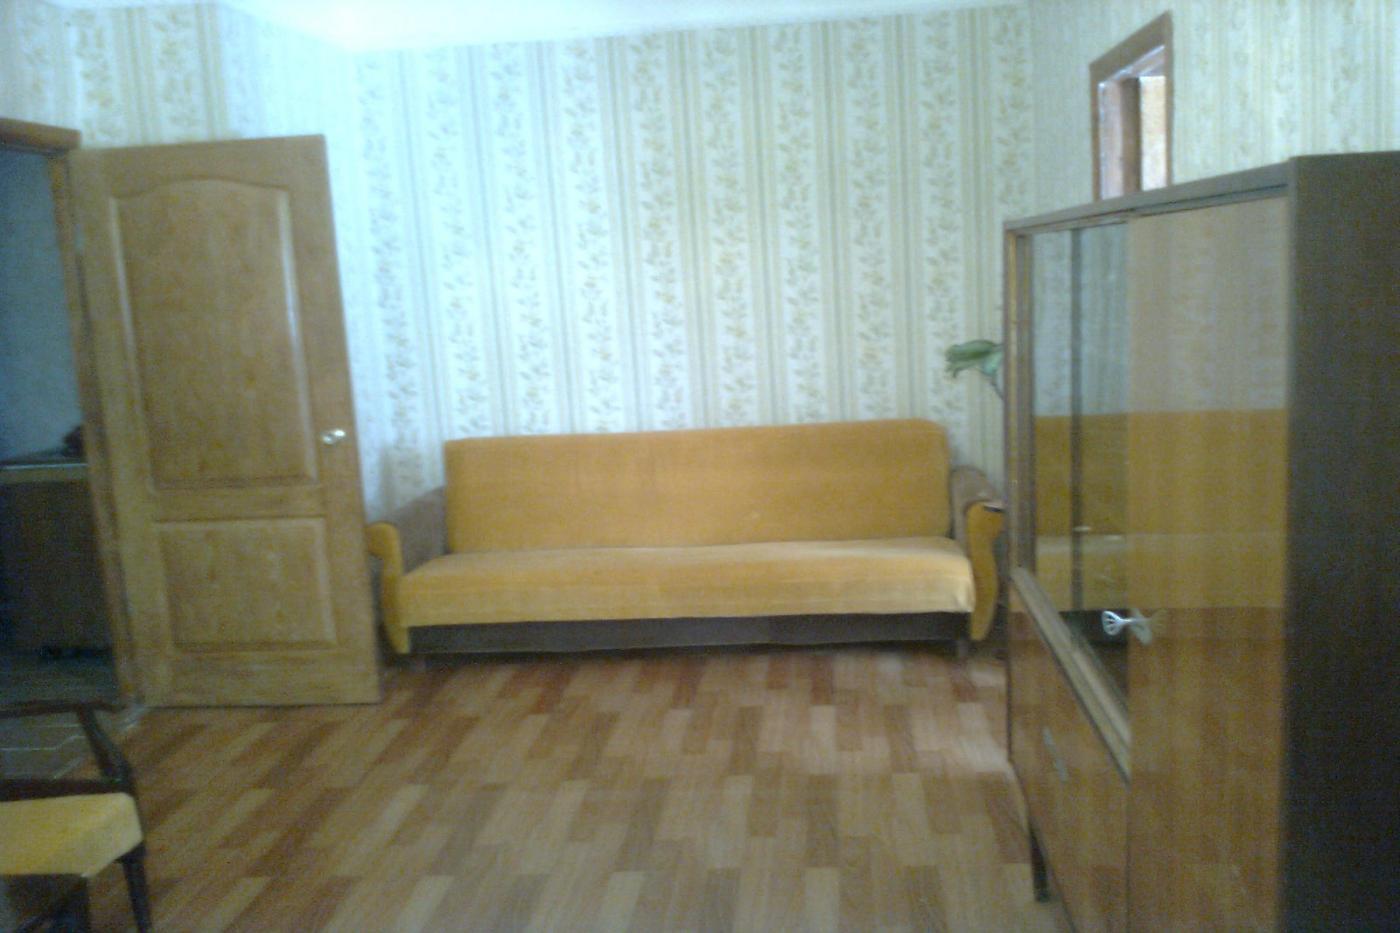 2-комнатная квартира посуточно (вариант № 2427), ул. Ефремова улица, фото № 4